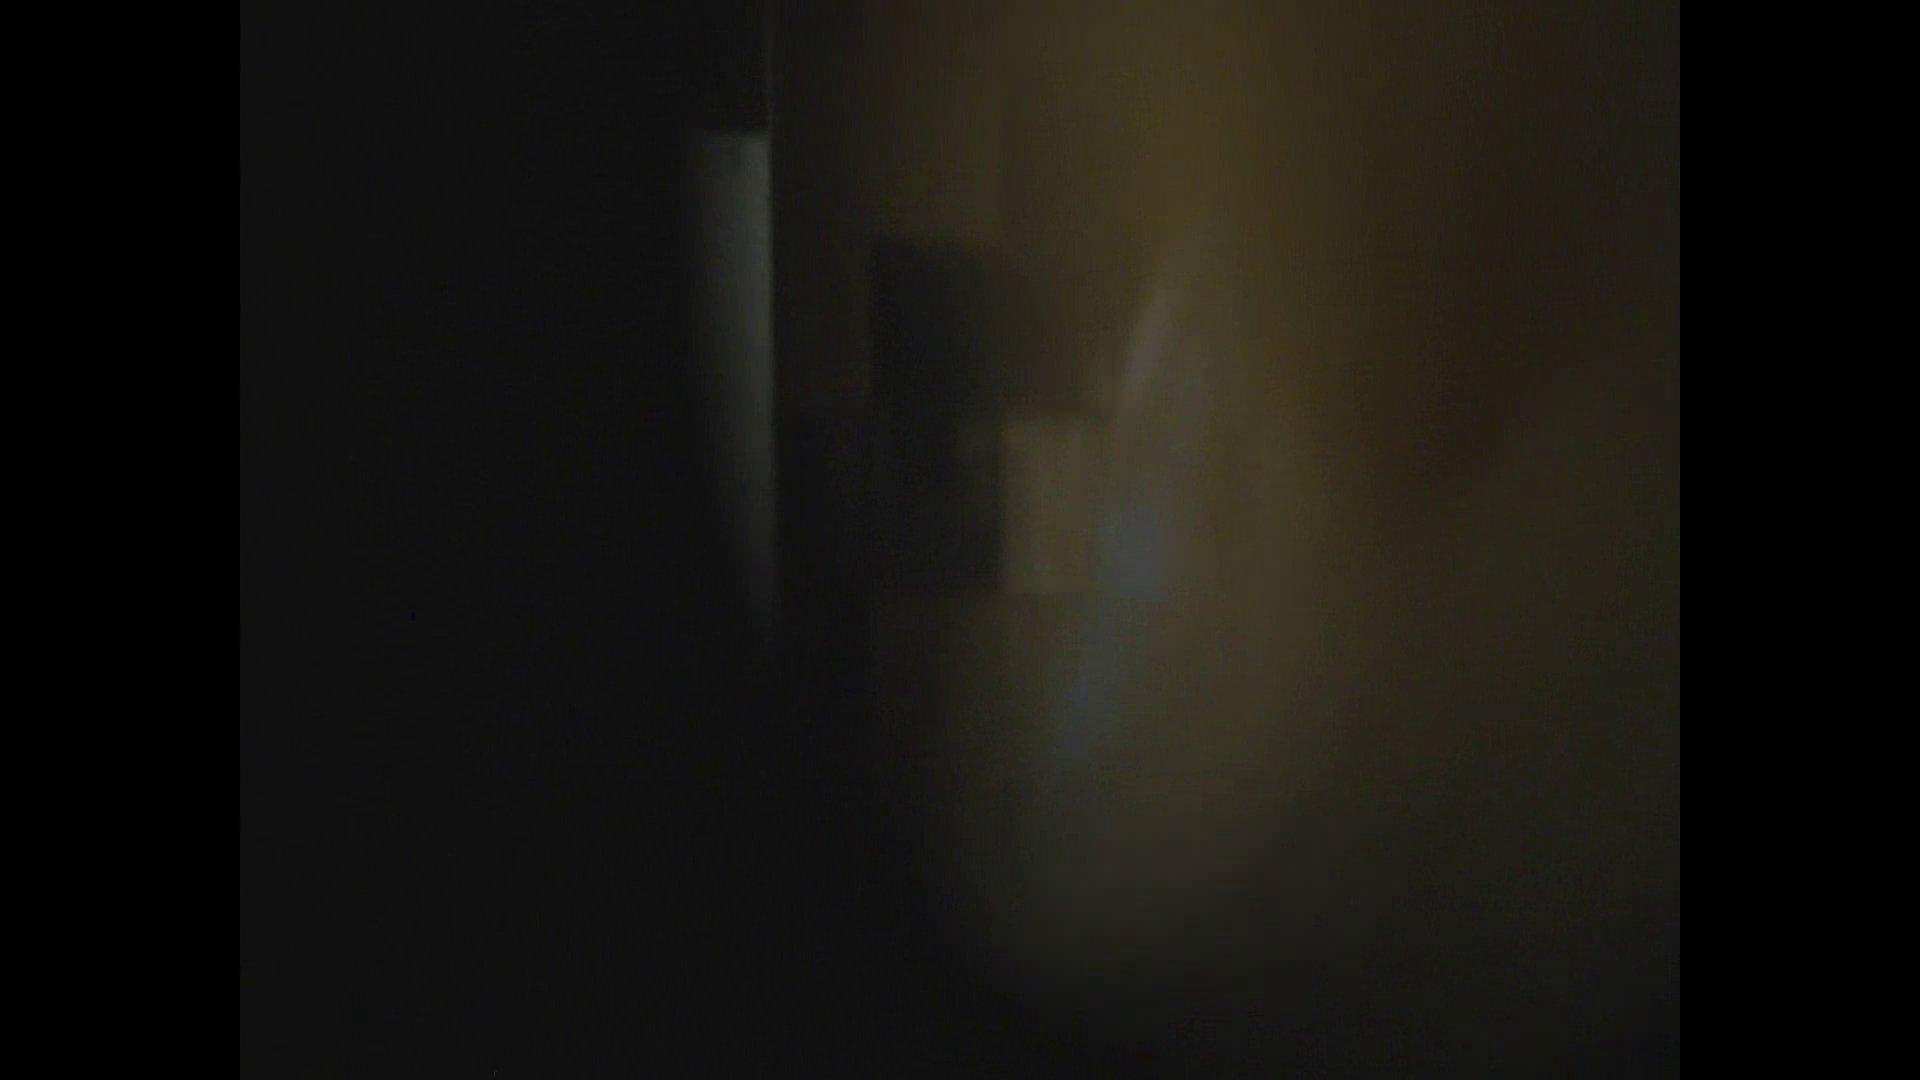 イケメンの素顔in洗面所 Vol.06 イケメンのゲイ達  109枚 88